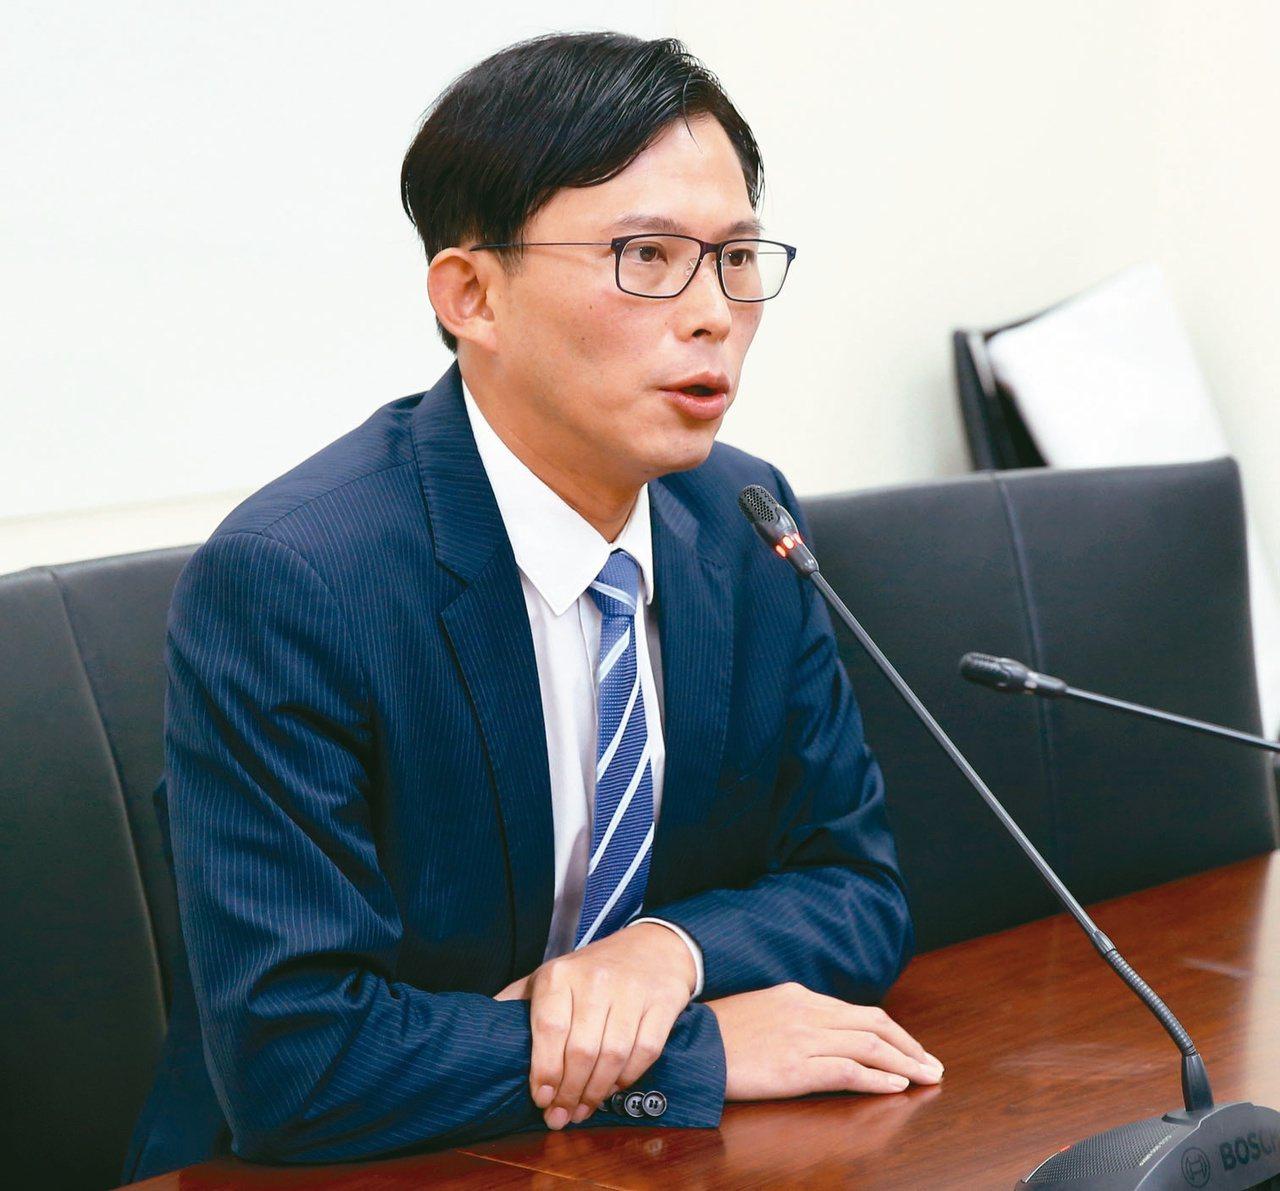 時代力量立委黃國昌質疑台北巿府包庇違建。本報資料照片